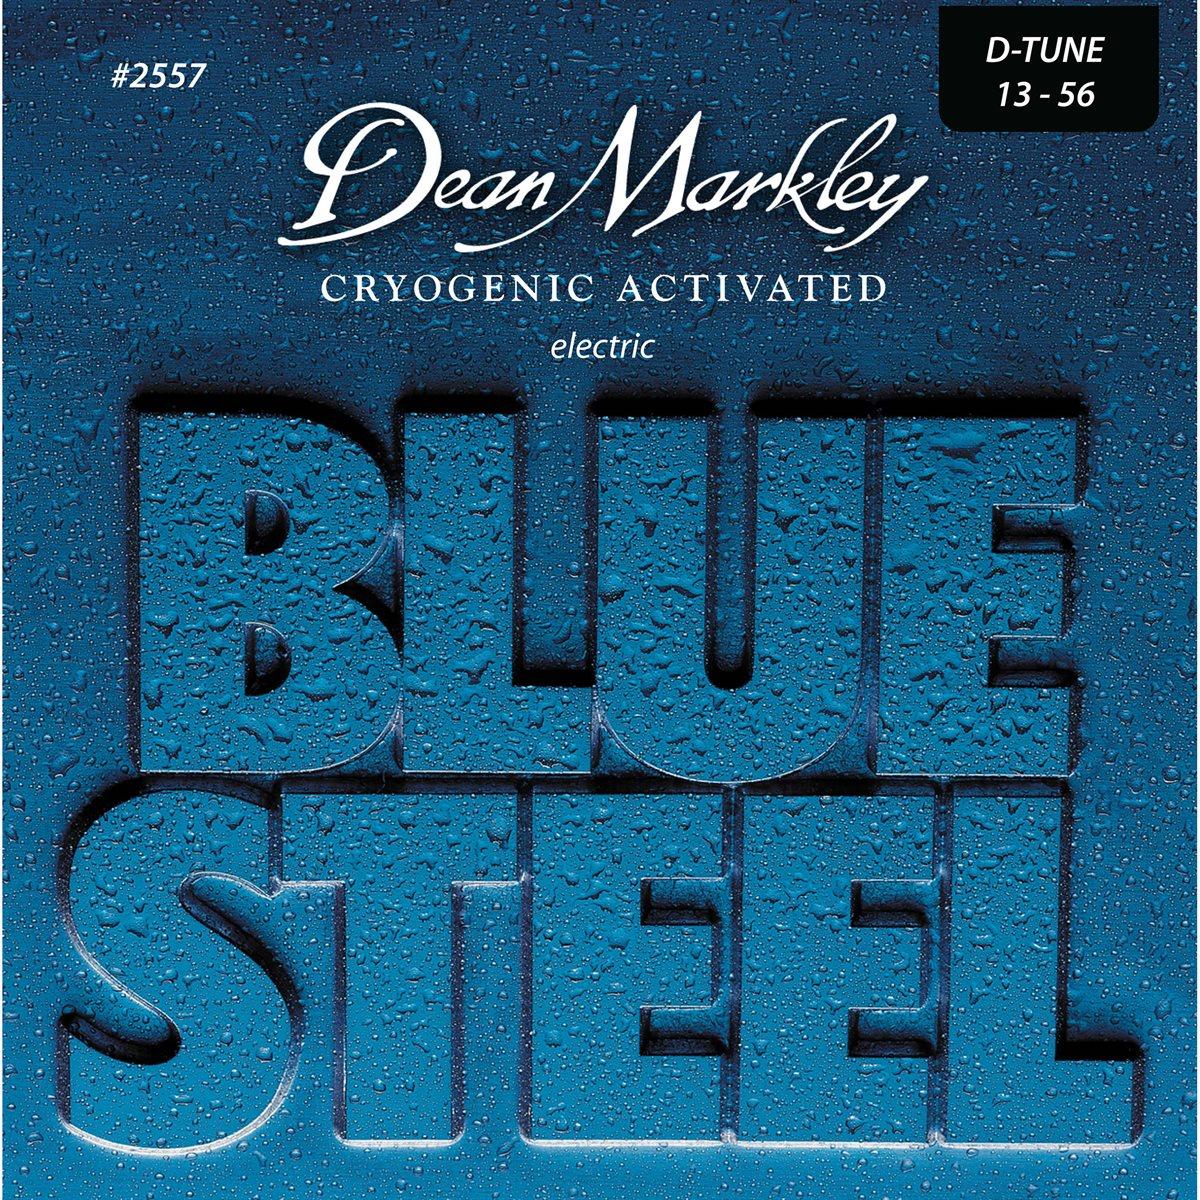 DEAN MARKLEY - Blue Steel Drop Electric String Set 13-56